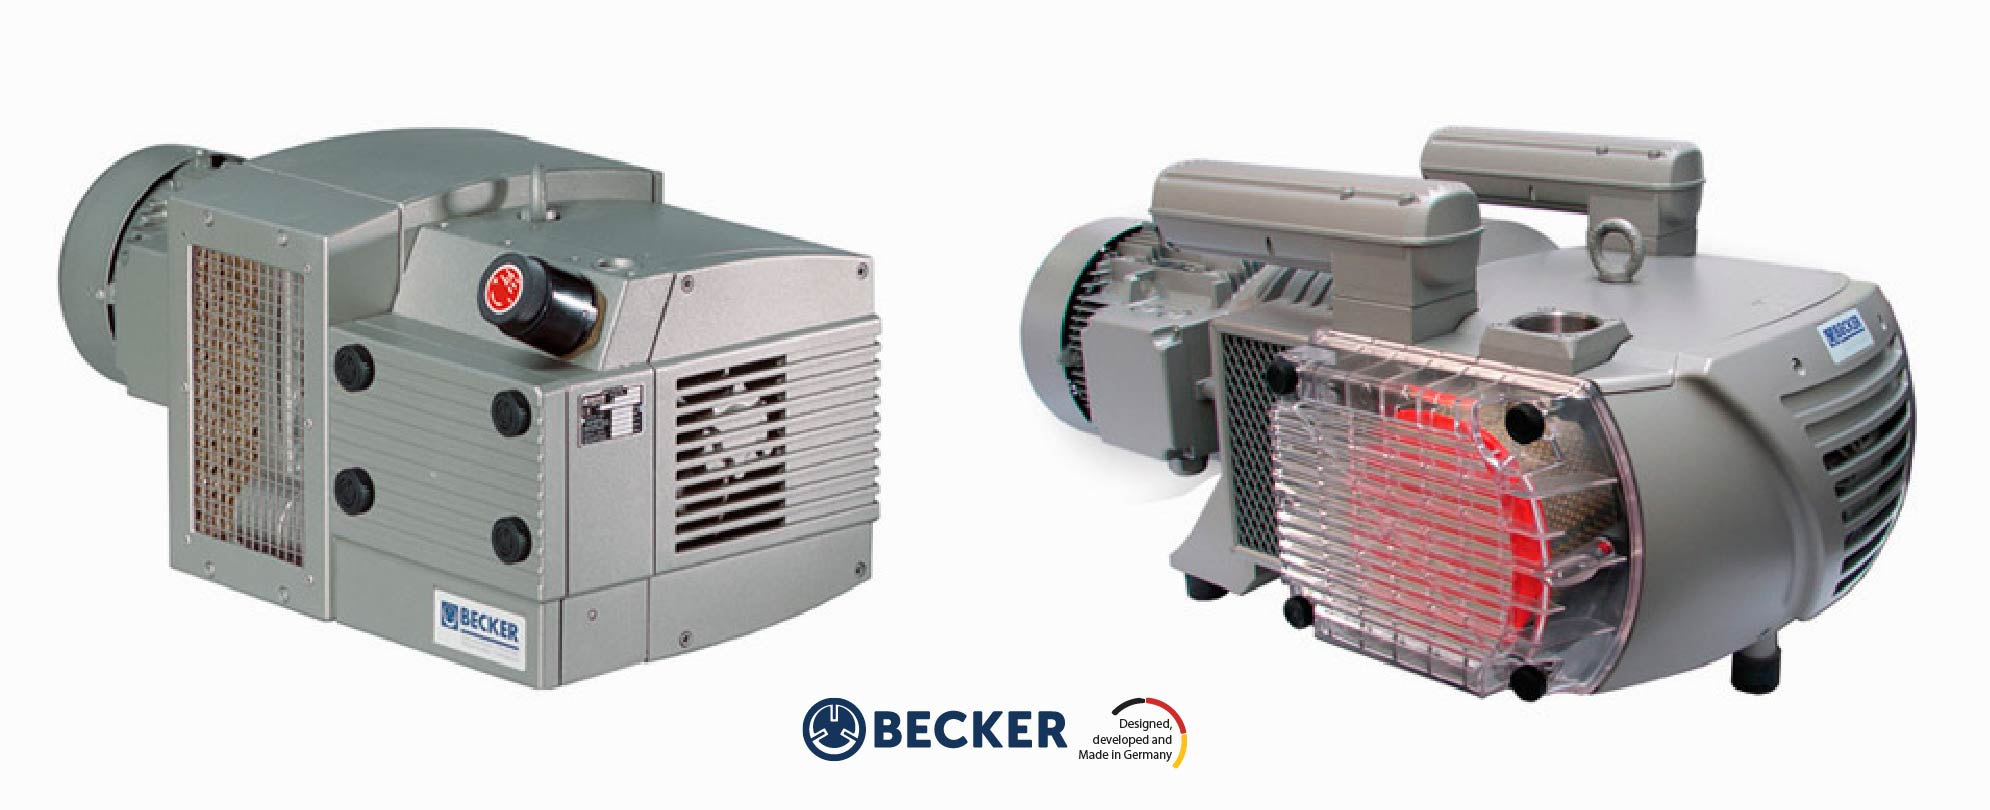 becker-kvt-3.80-picchio-2-200-becker-vtlf-2.250-mexico